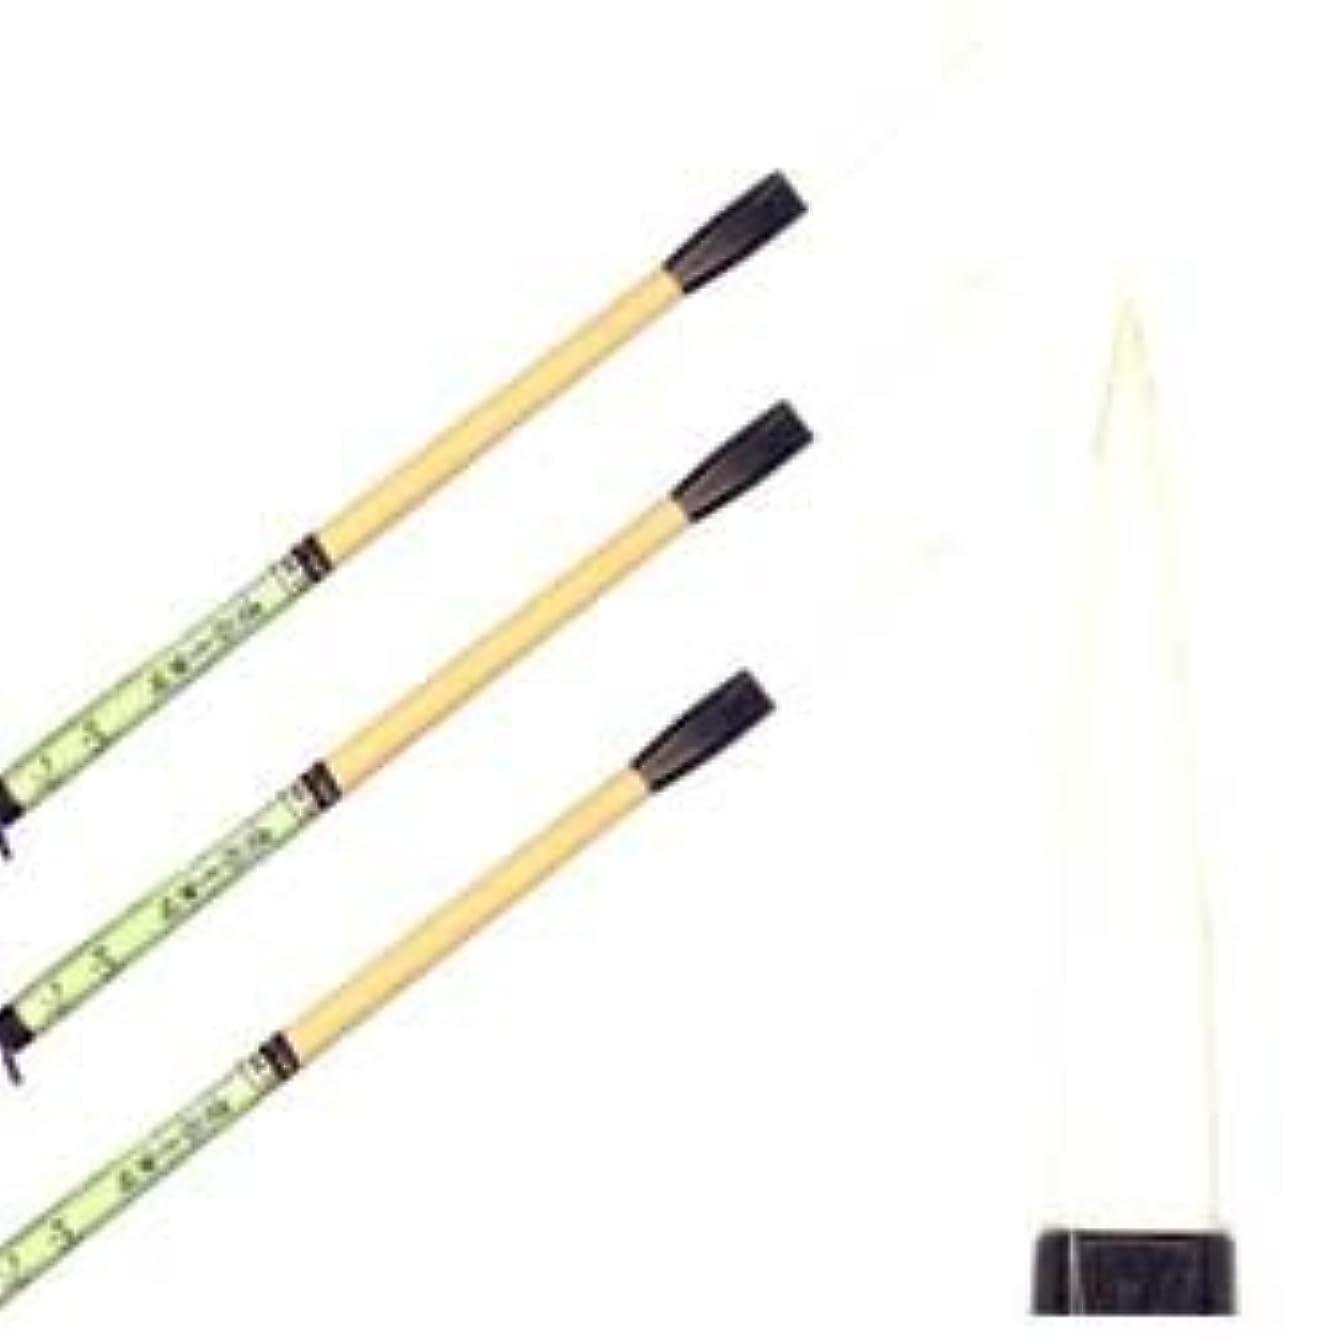 ハム着る成功する奈良 松林堂製筆 水仙 1本